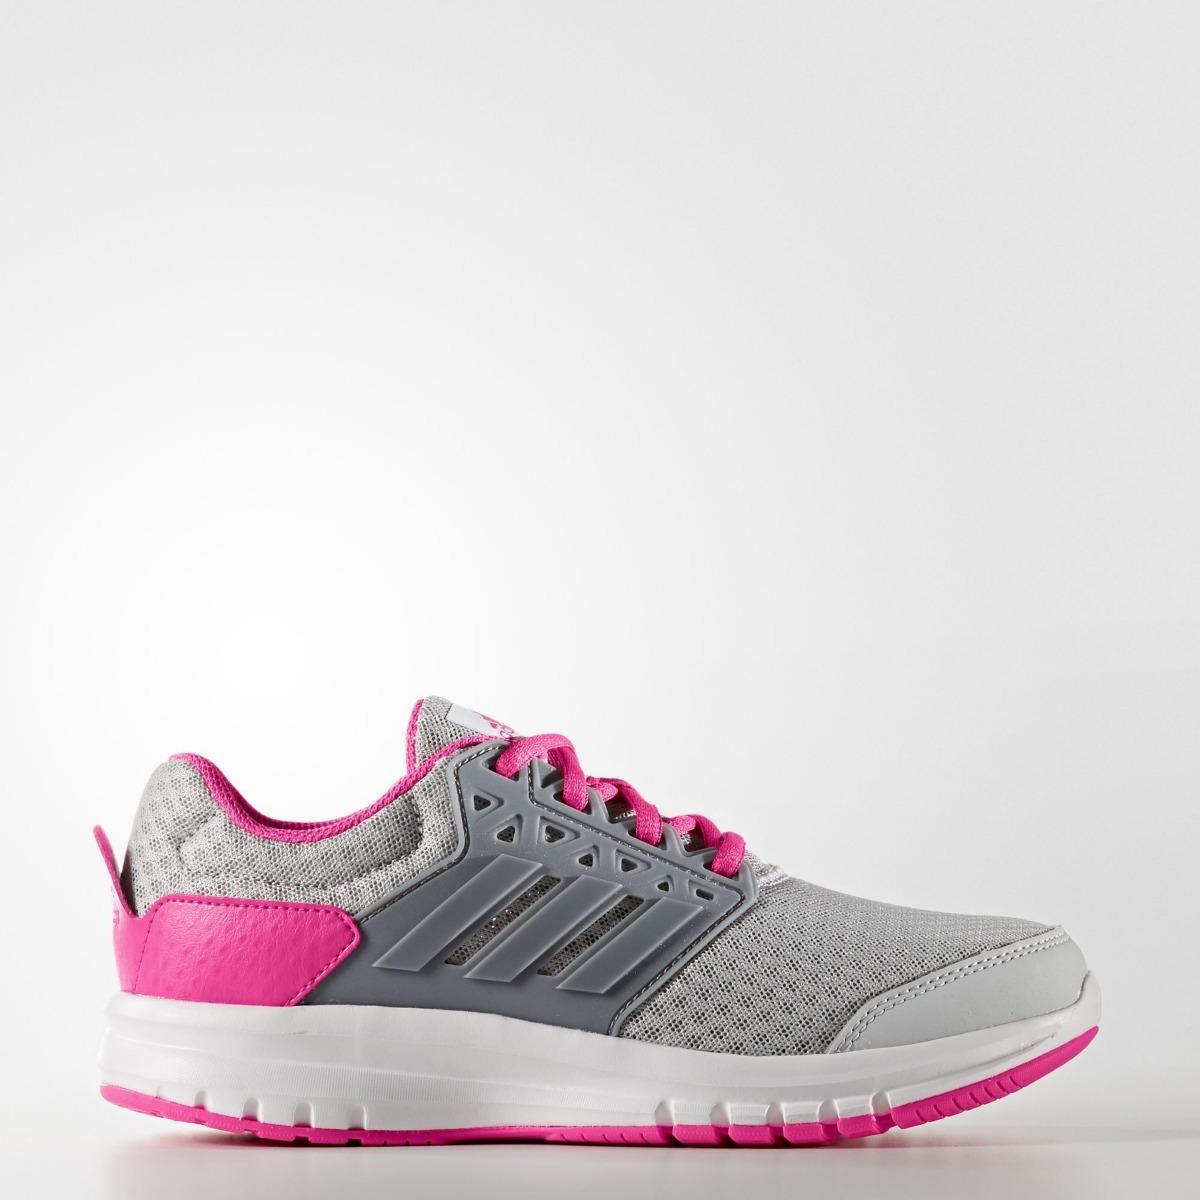 100 De Bs Original 900 8 00 2018 En Zapatos Mercado Niña Adidas qt5nxwAYOa